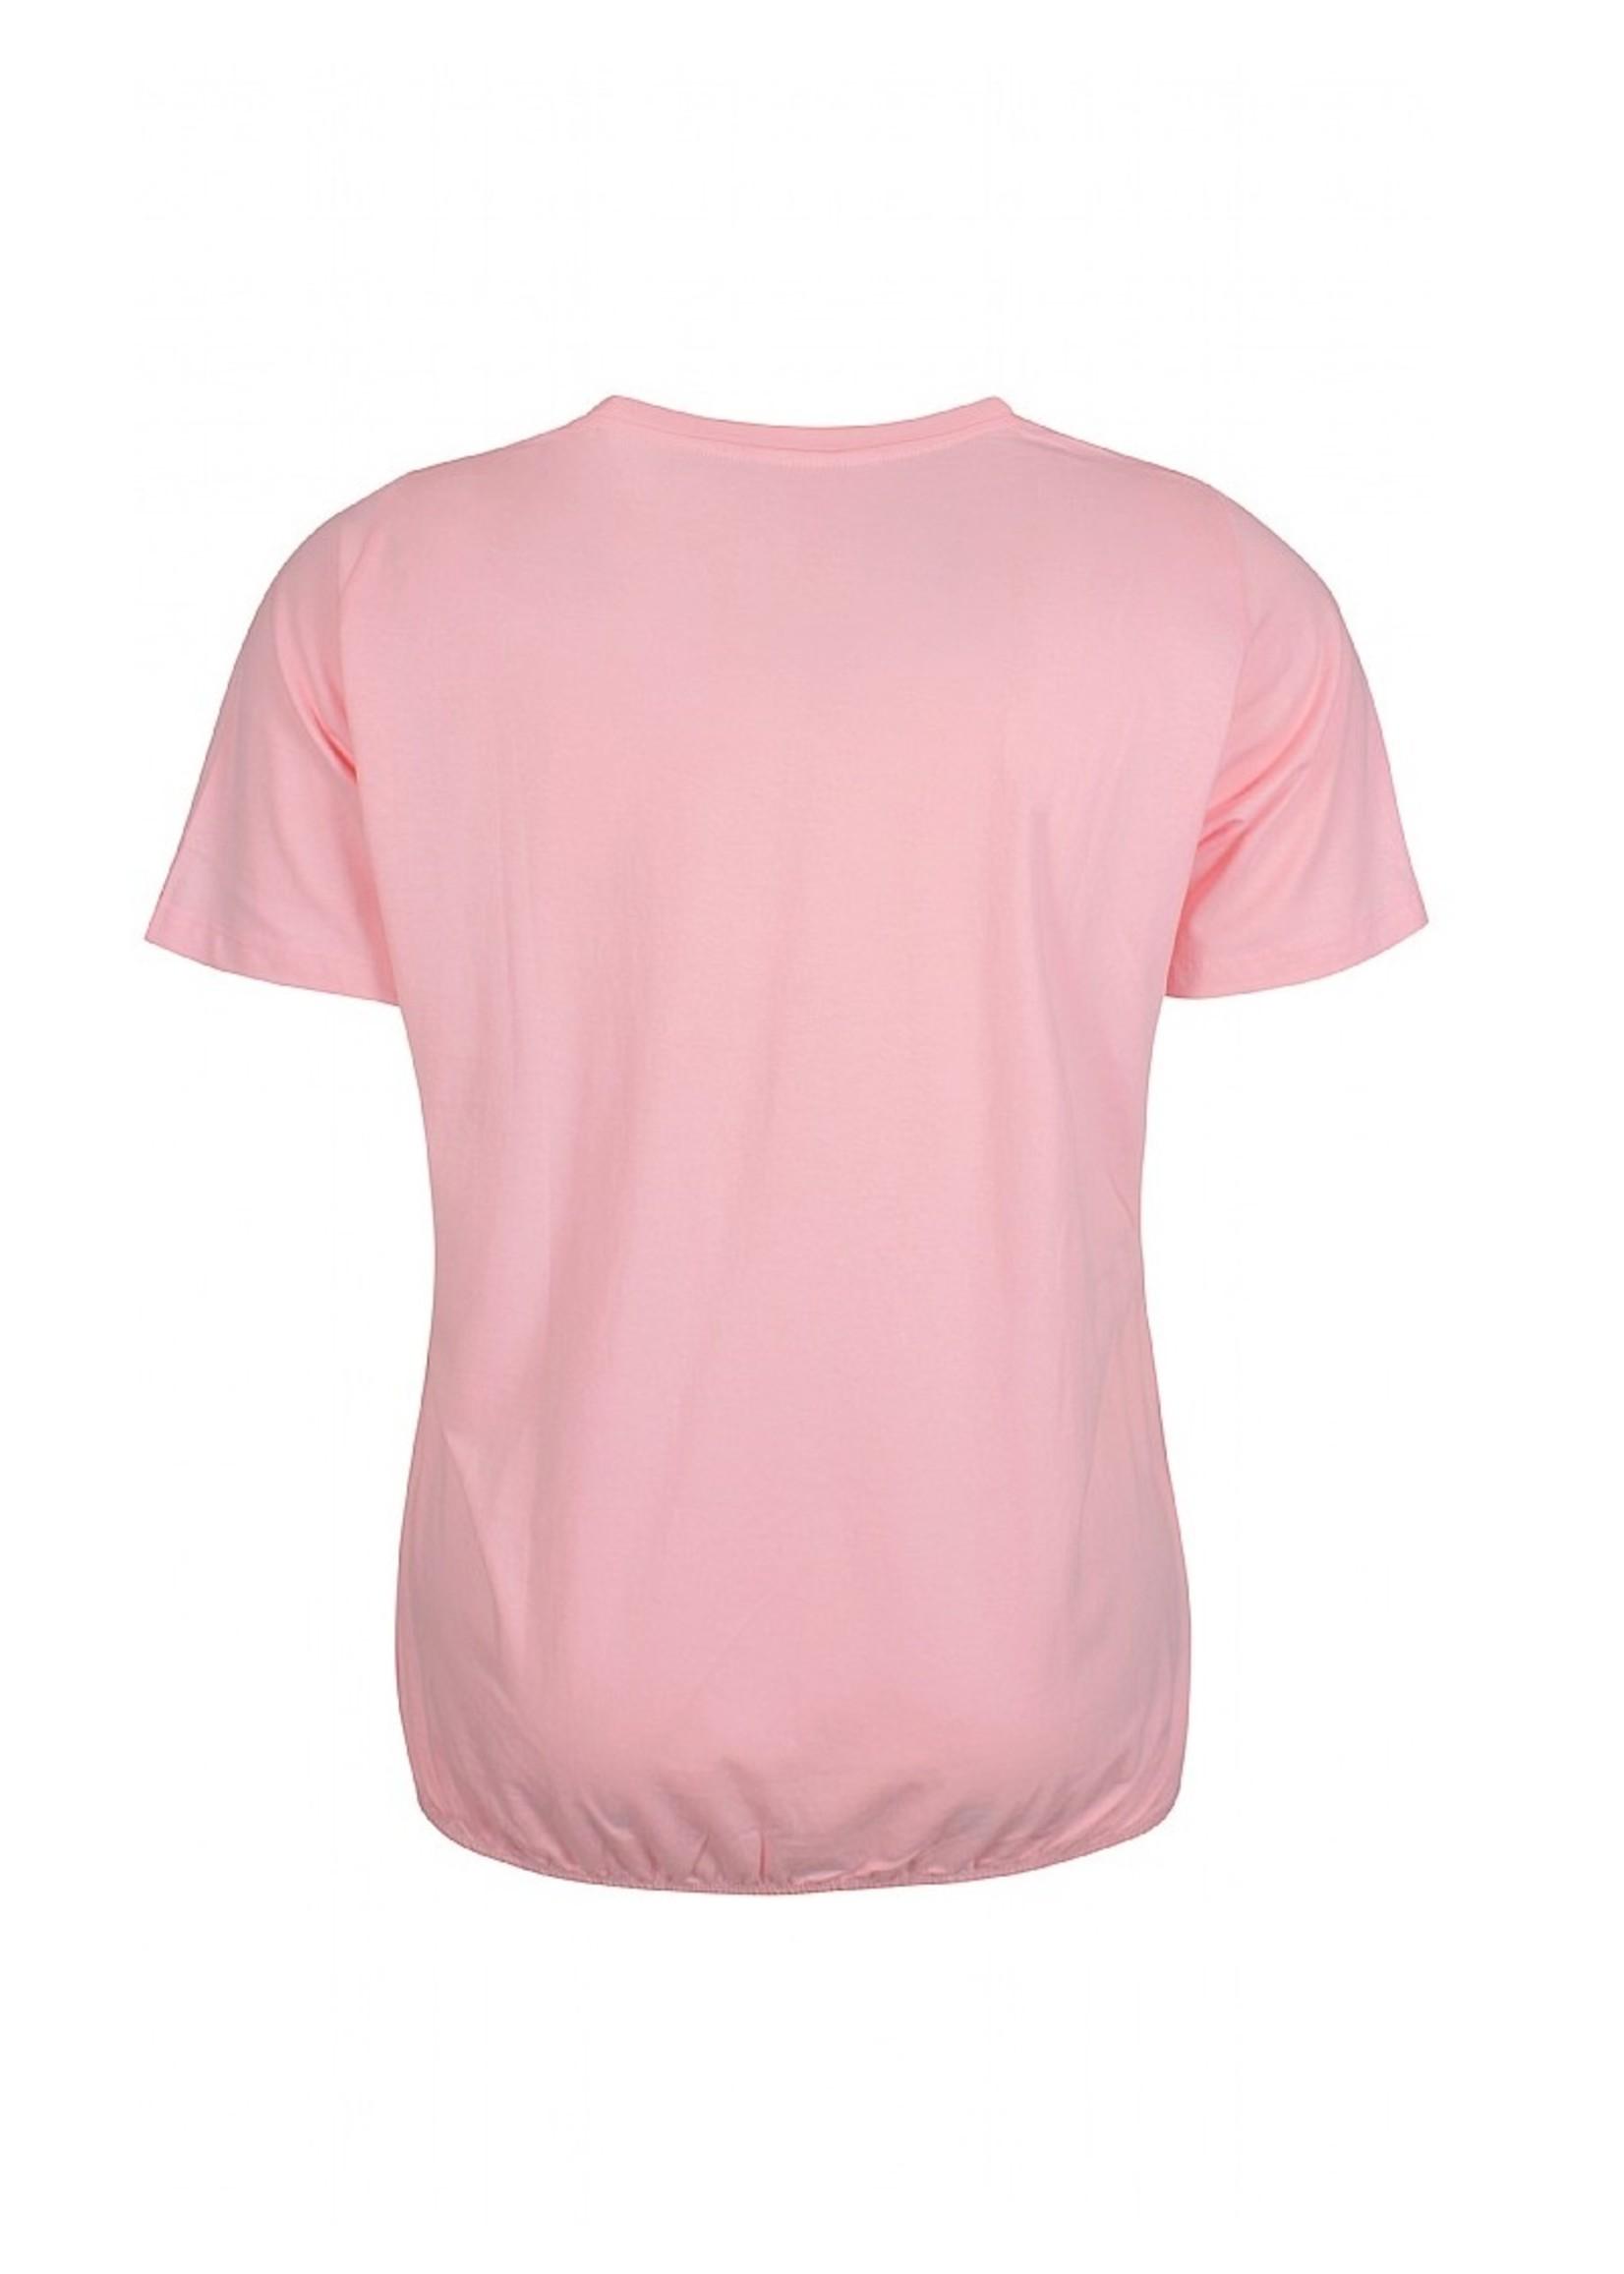 Zhenzi Zhenzi Baci T-shirt